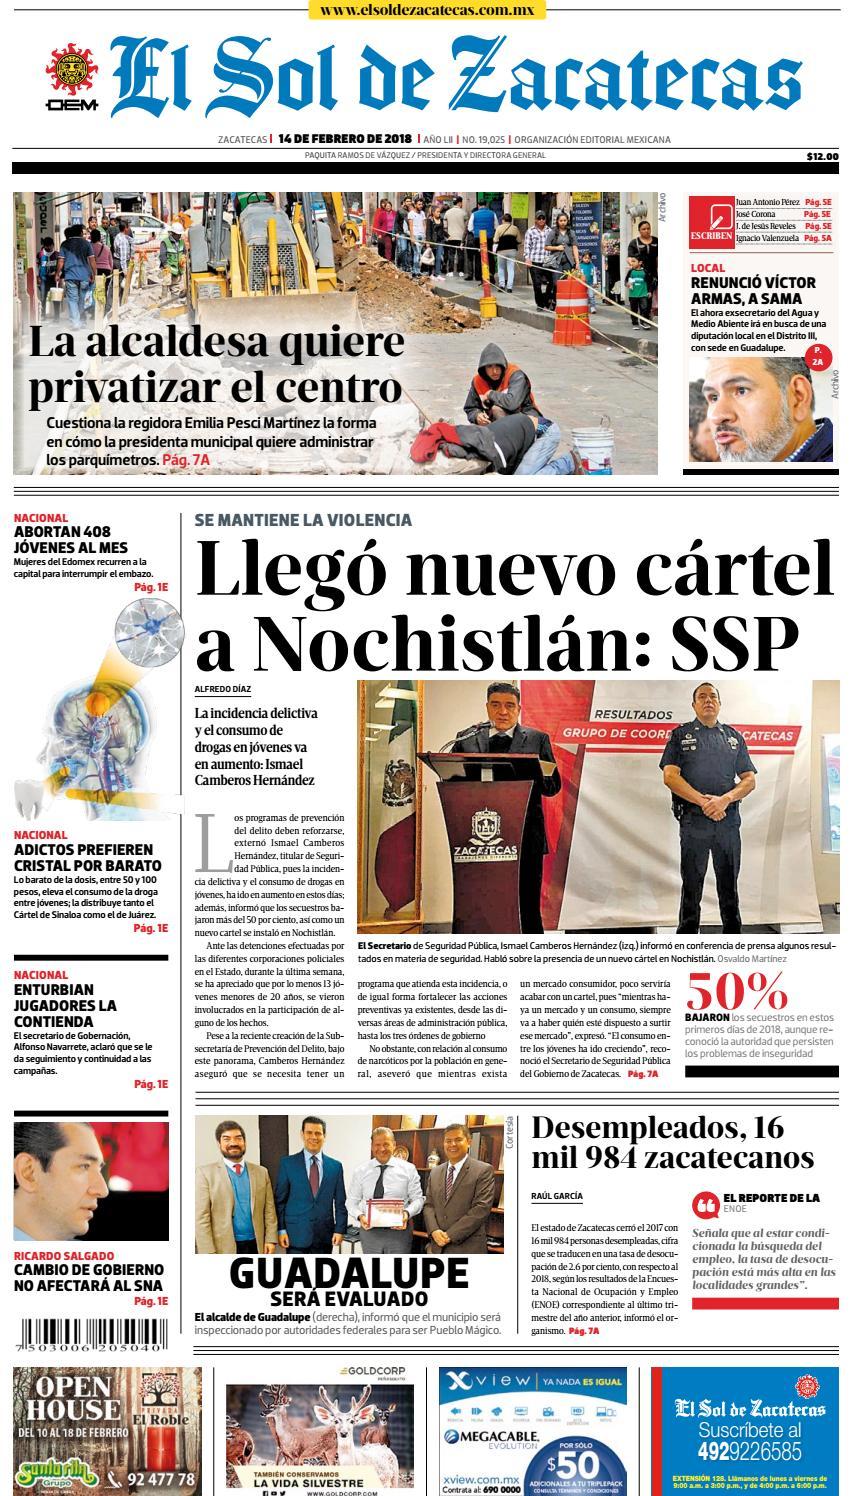 d156d10974f5b El Sol de Zacatecas 14 de febrero 2018 by El Sol de Zacatecas - issuu